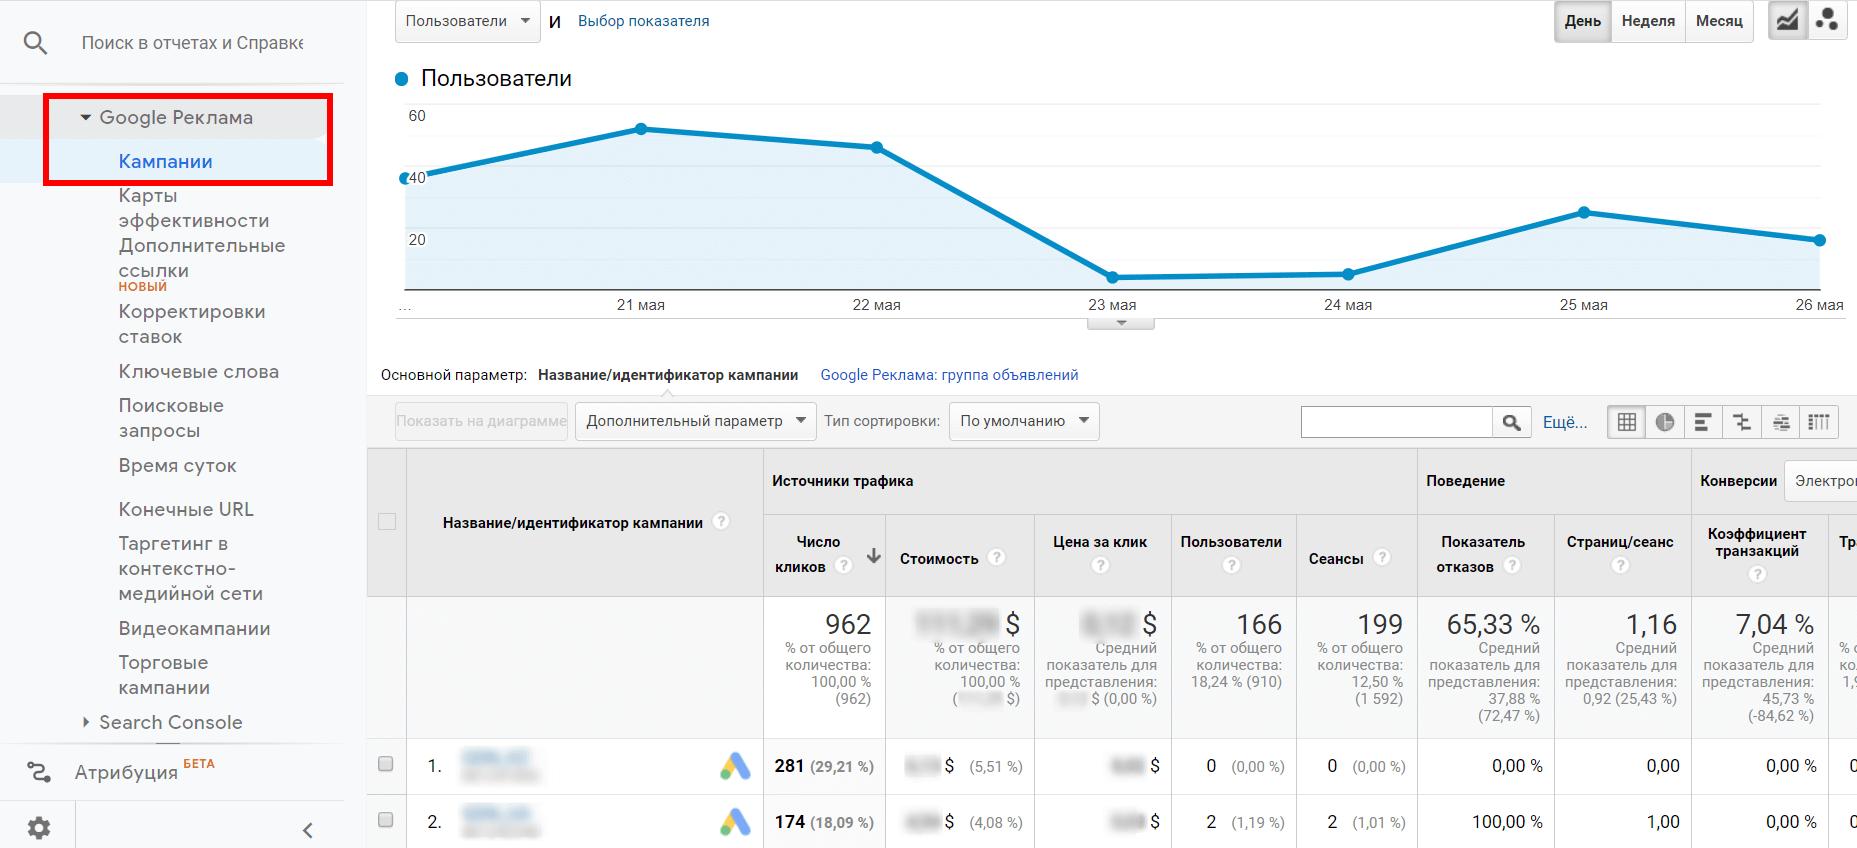 Аналитические отчеты Google Analytics